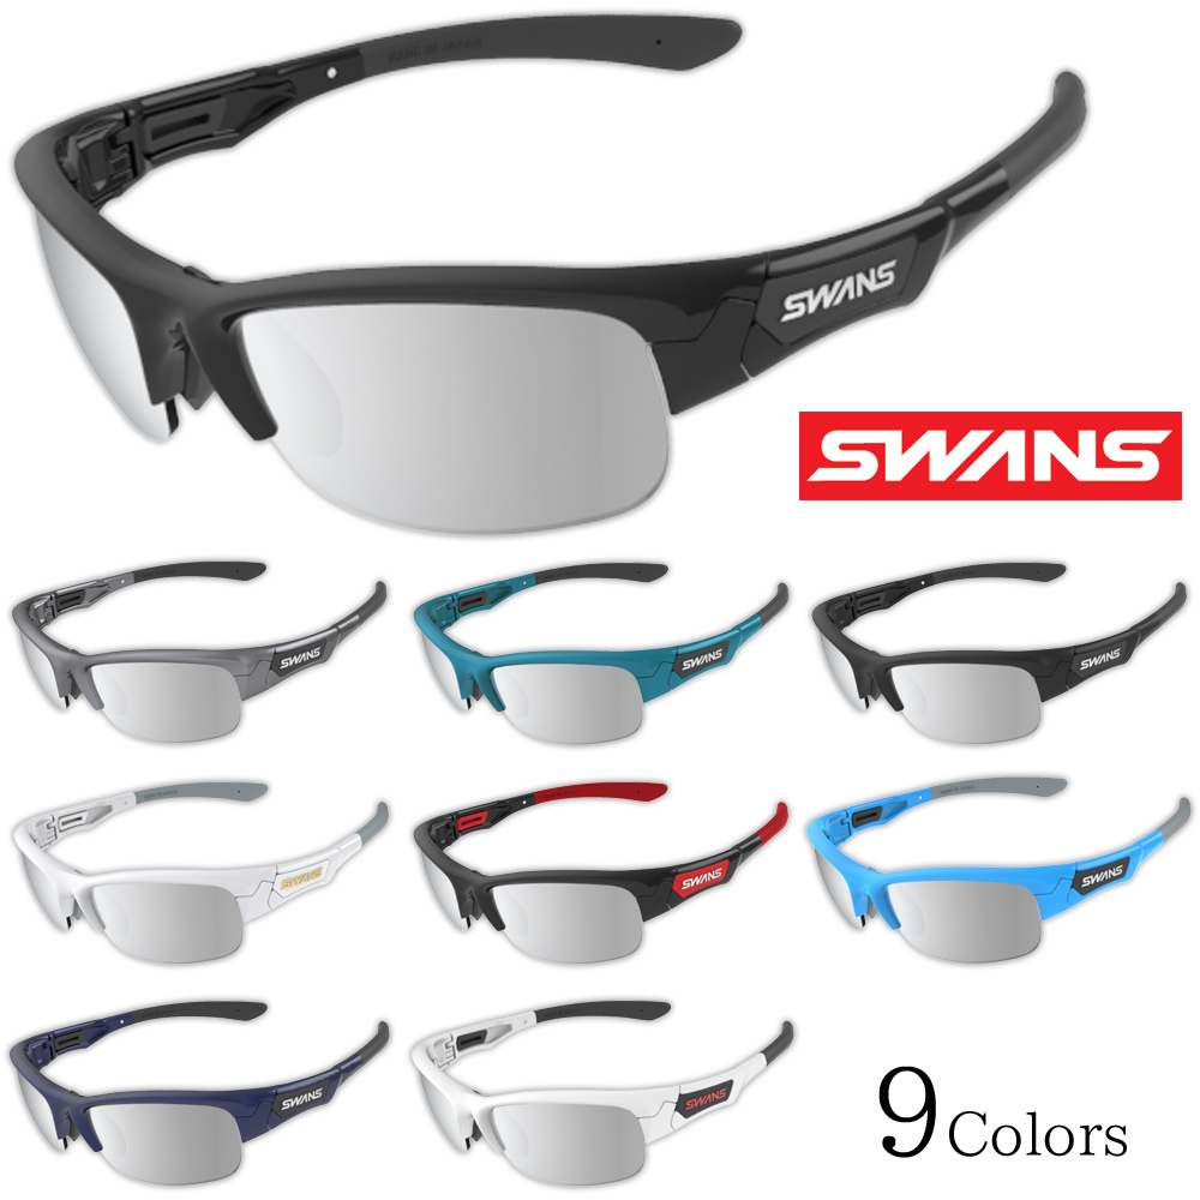 サングラス ミラーレンズ シルバーミラー×スモーク グレー系 スポーツ メンズ レディース ドライブ 釣り ゴルフ SPRINGBOK フレーム+L-SPB-0701 SMSI おすすめ 人気 SWANS スワンズ